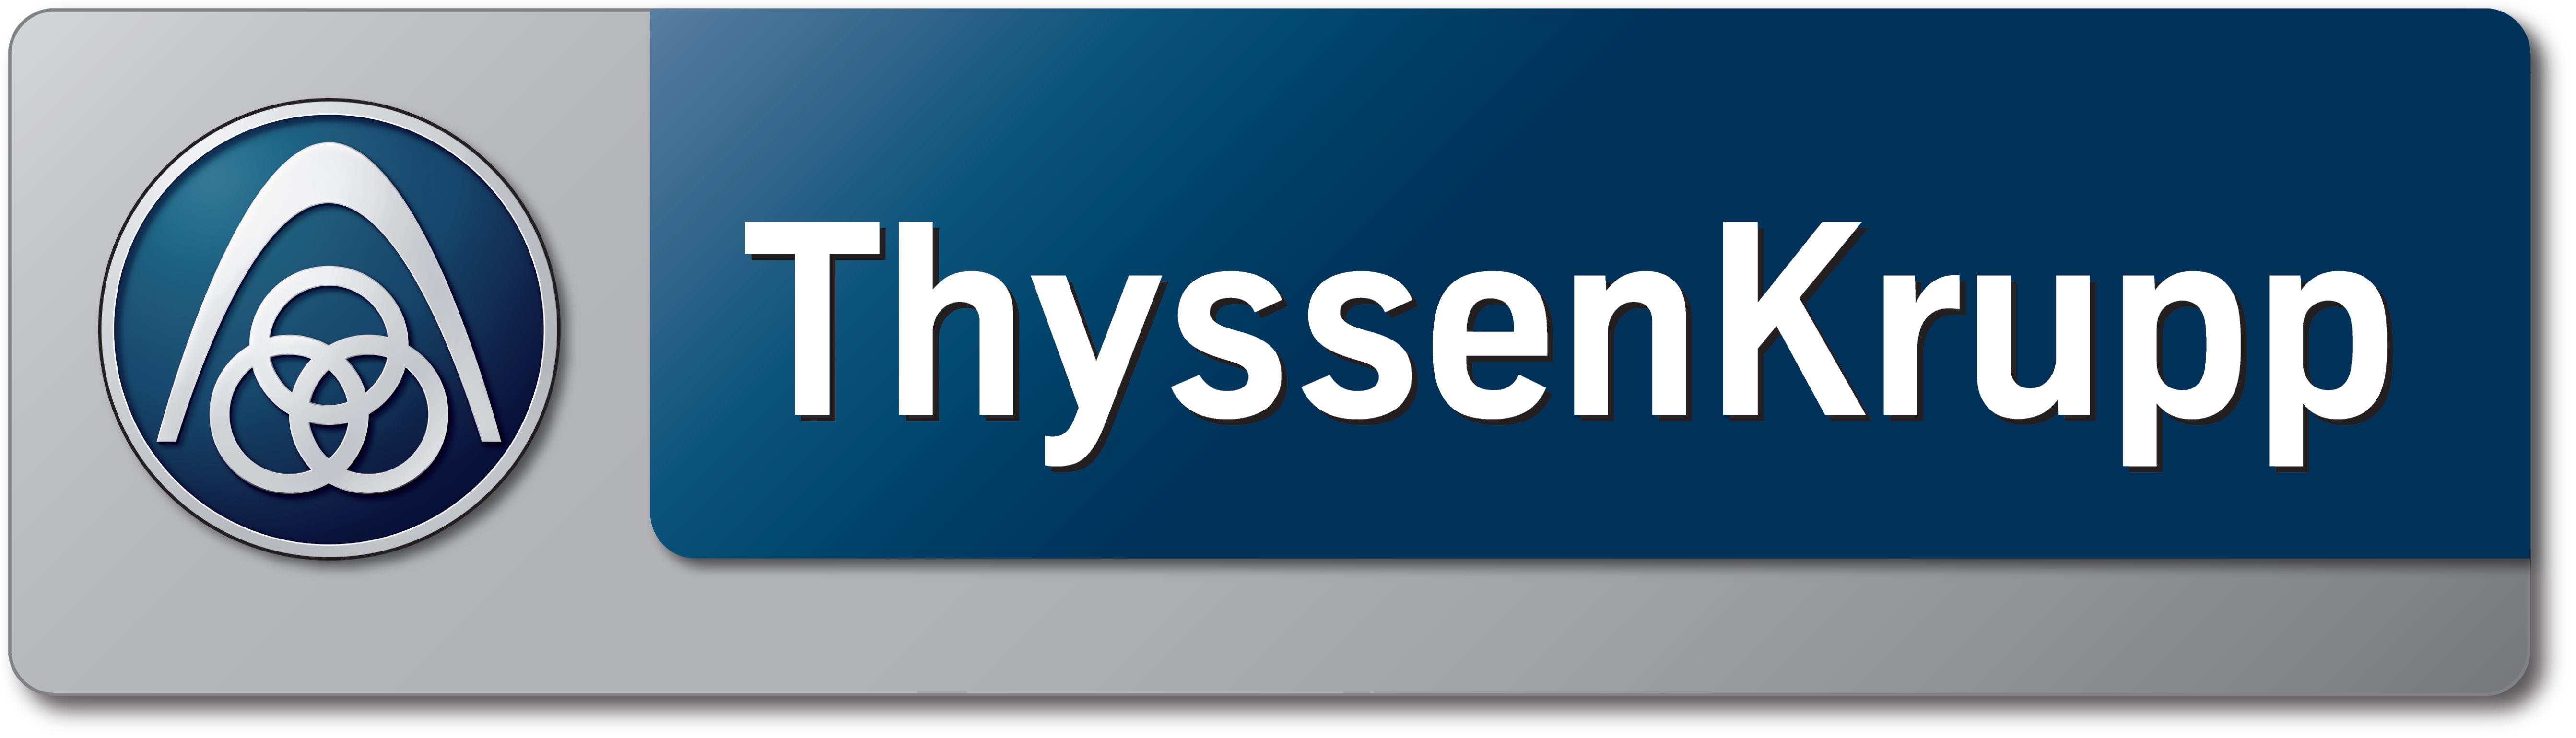 Image thyssenkrupp stairlift logo